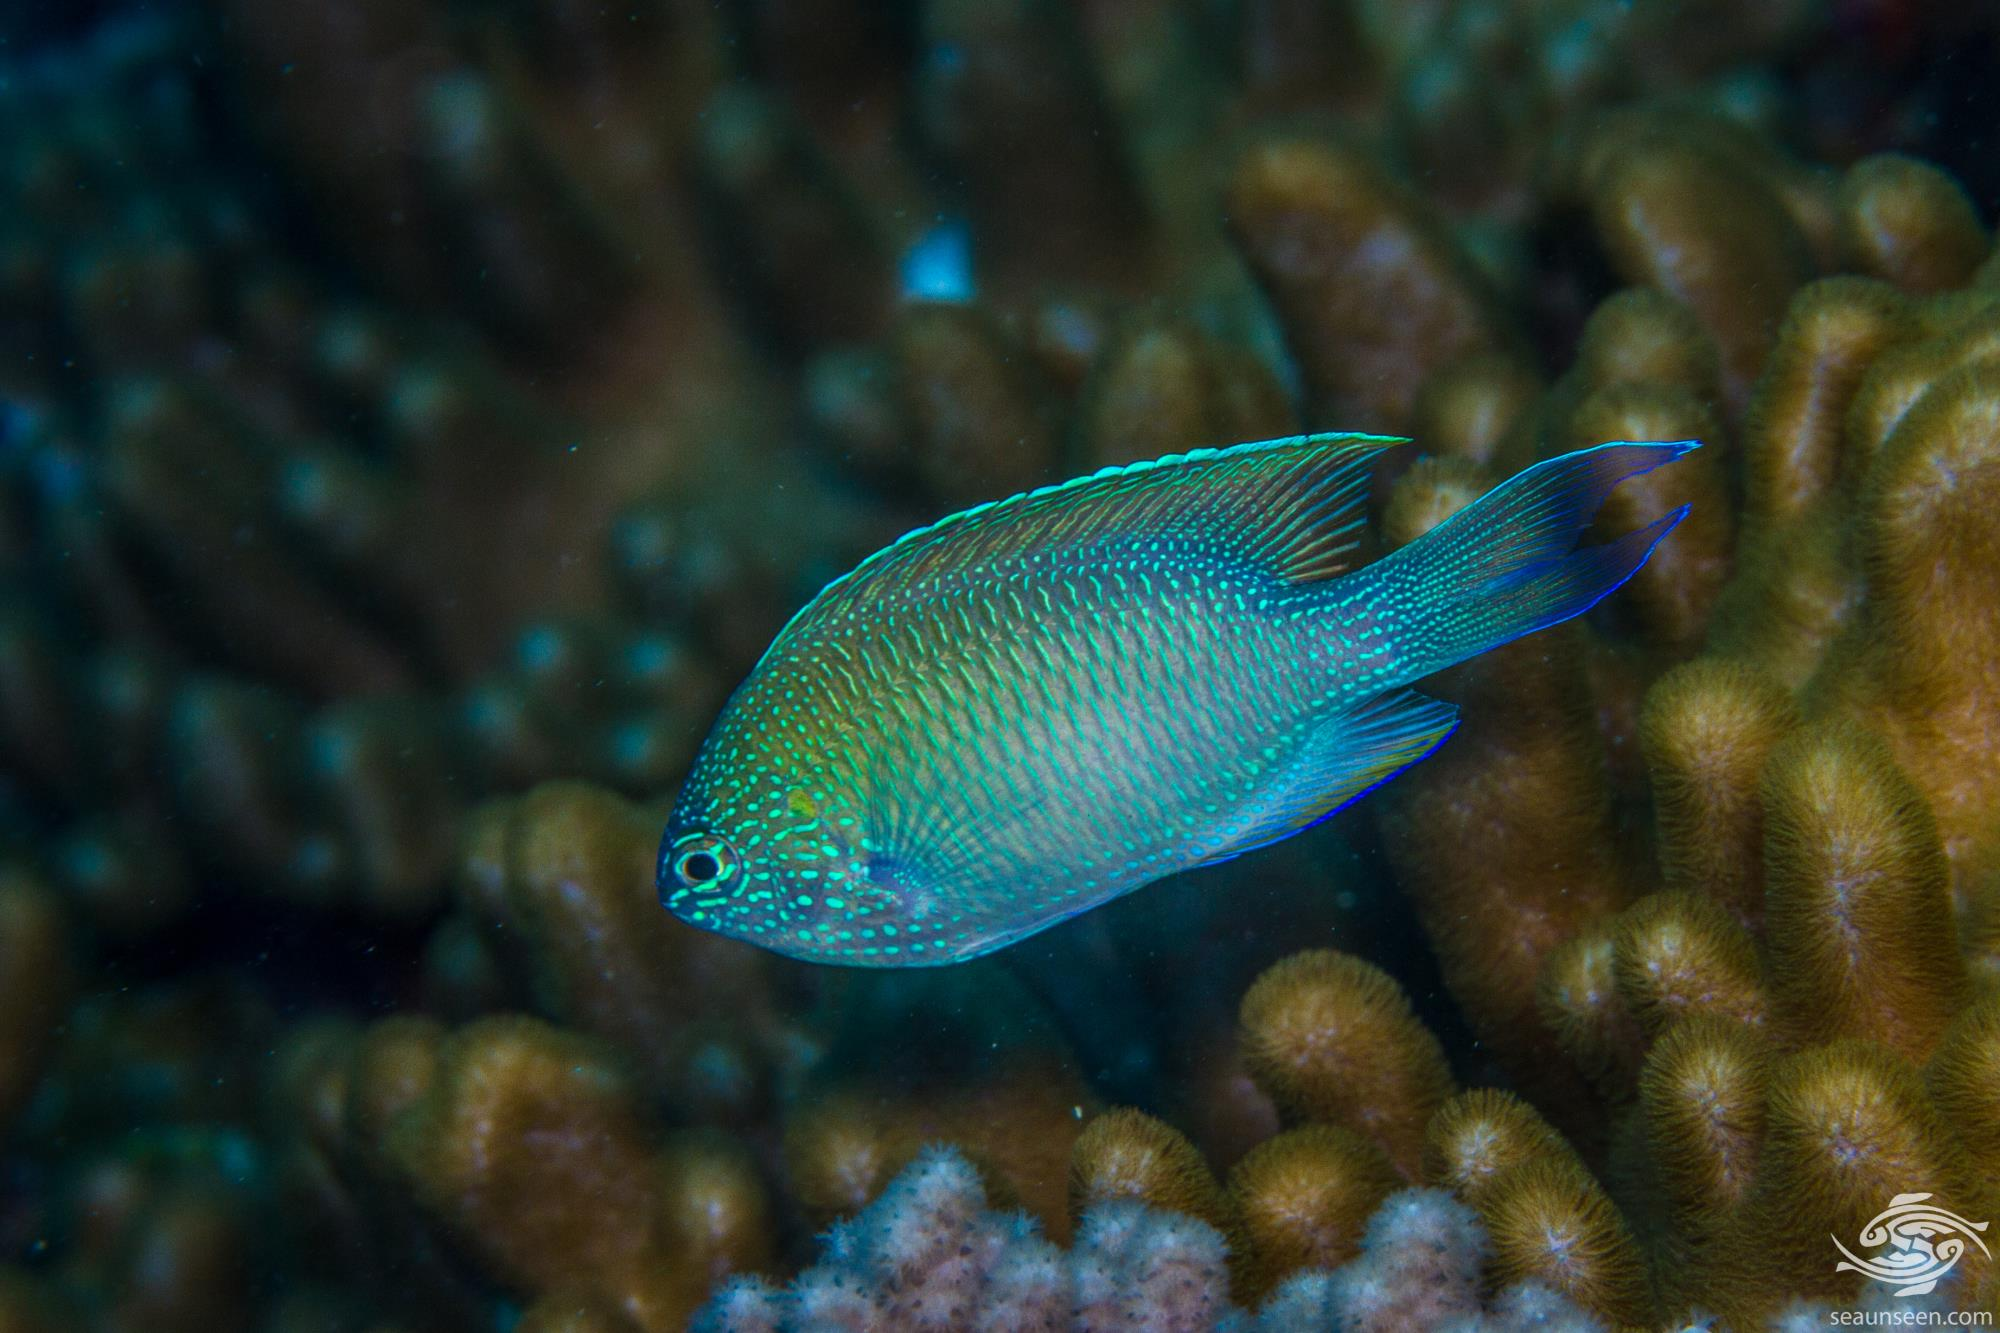 sapphire damselfish Pomacentrus pavo, is also known as the peacock damselfish or blue damselfish.